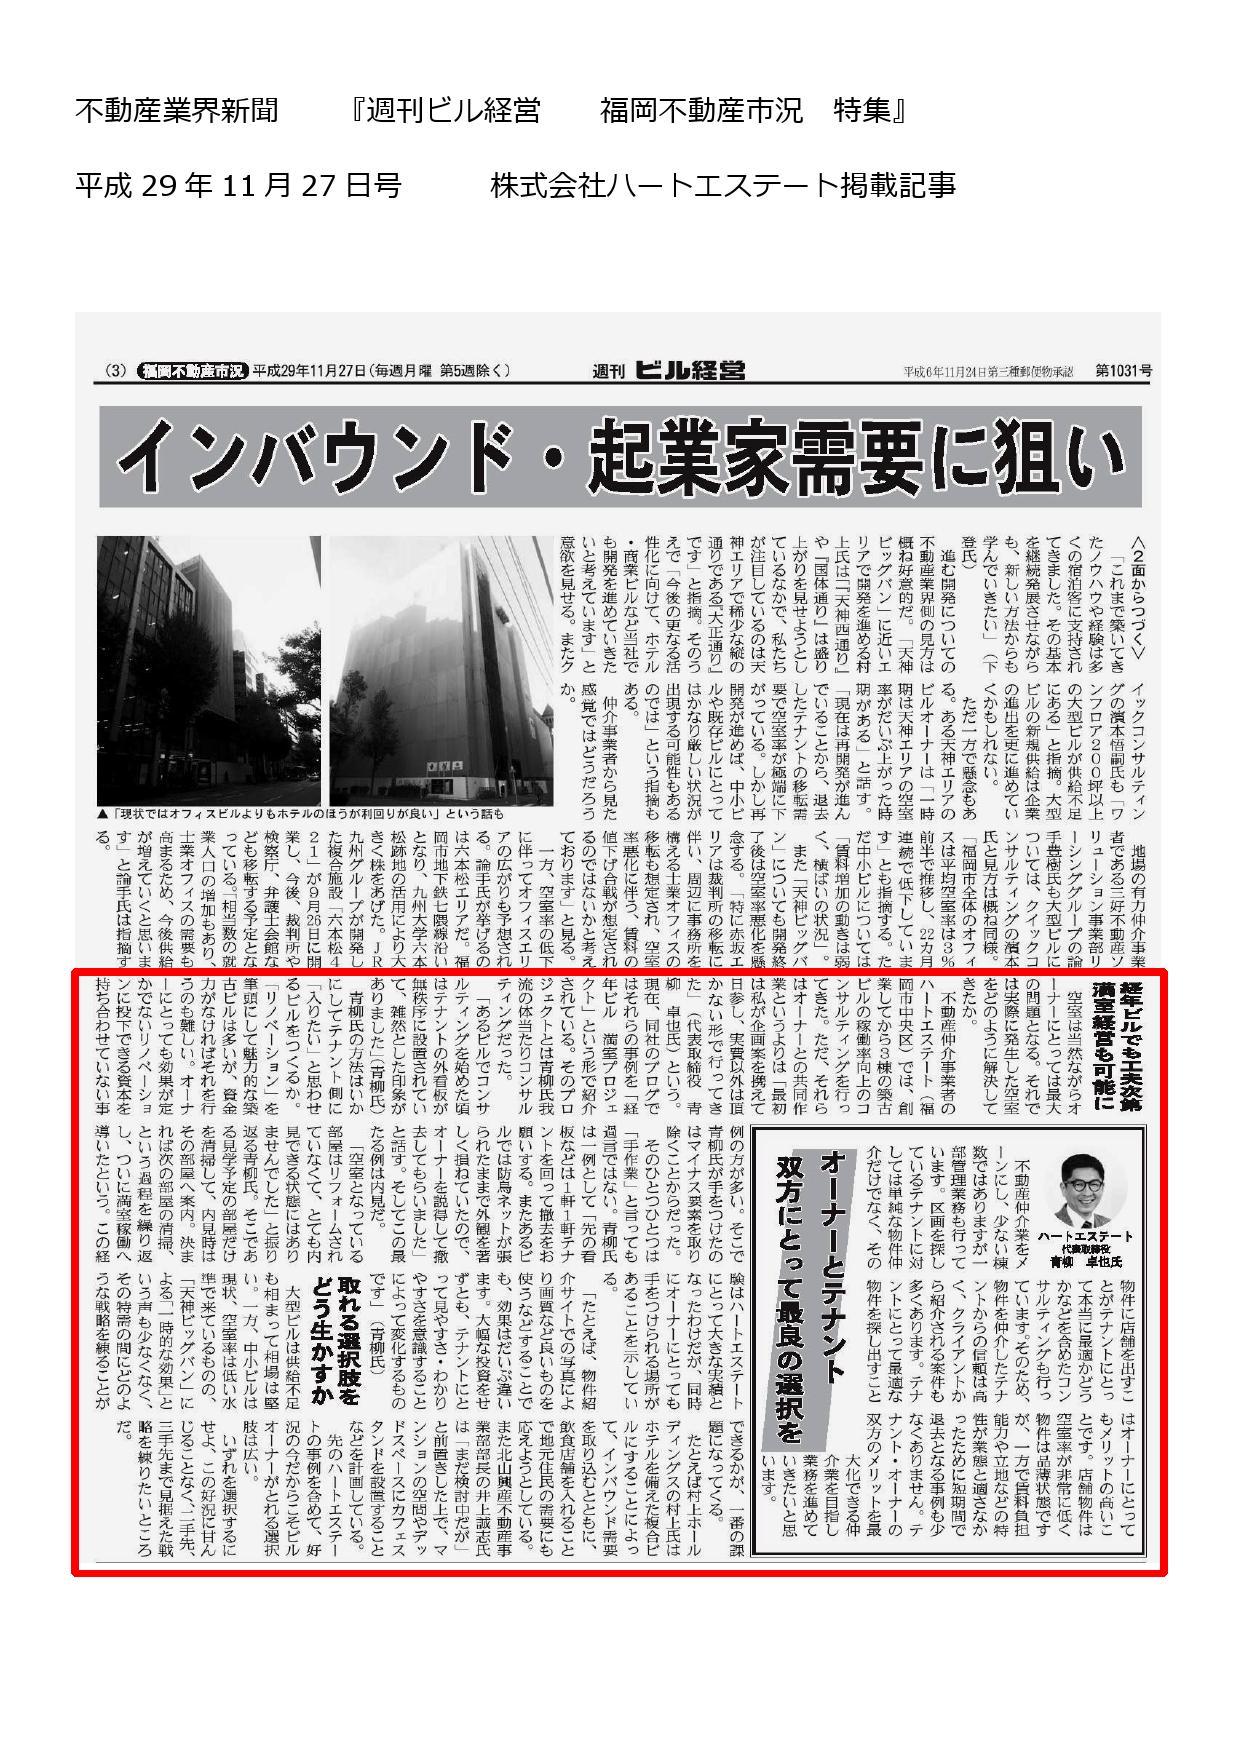 週刊ビル経営 17.11.27